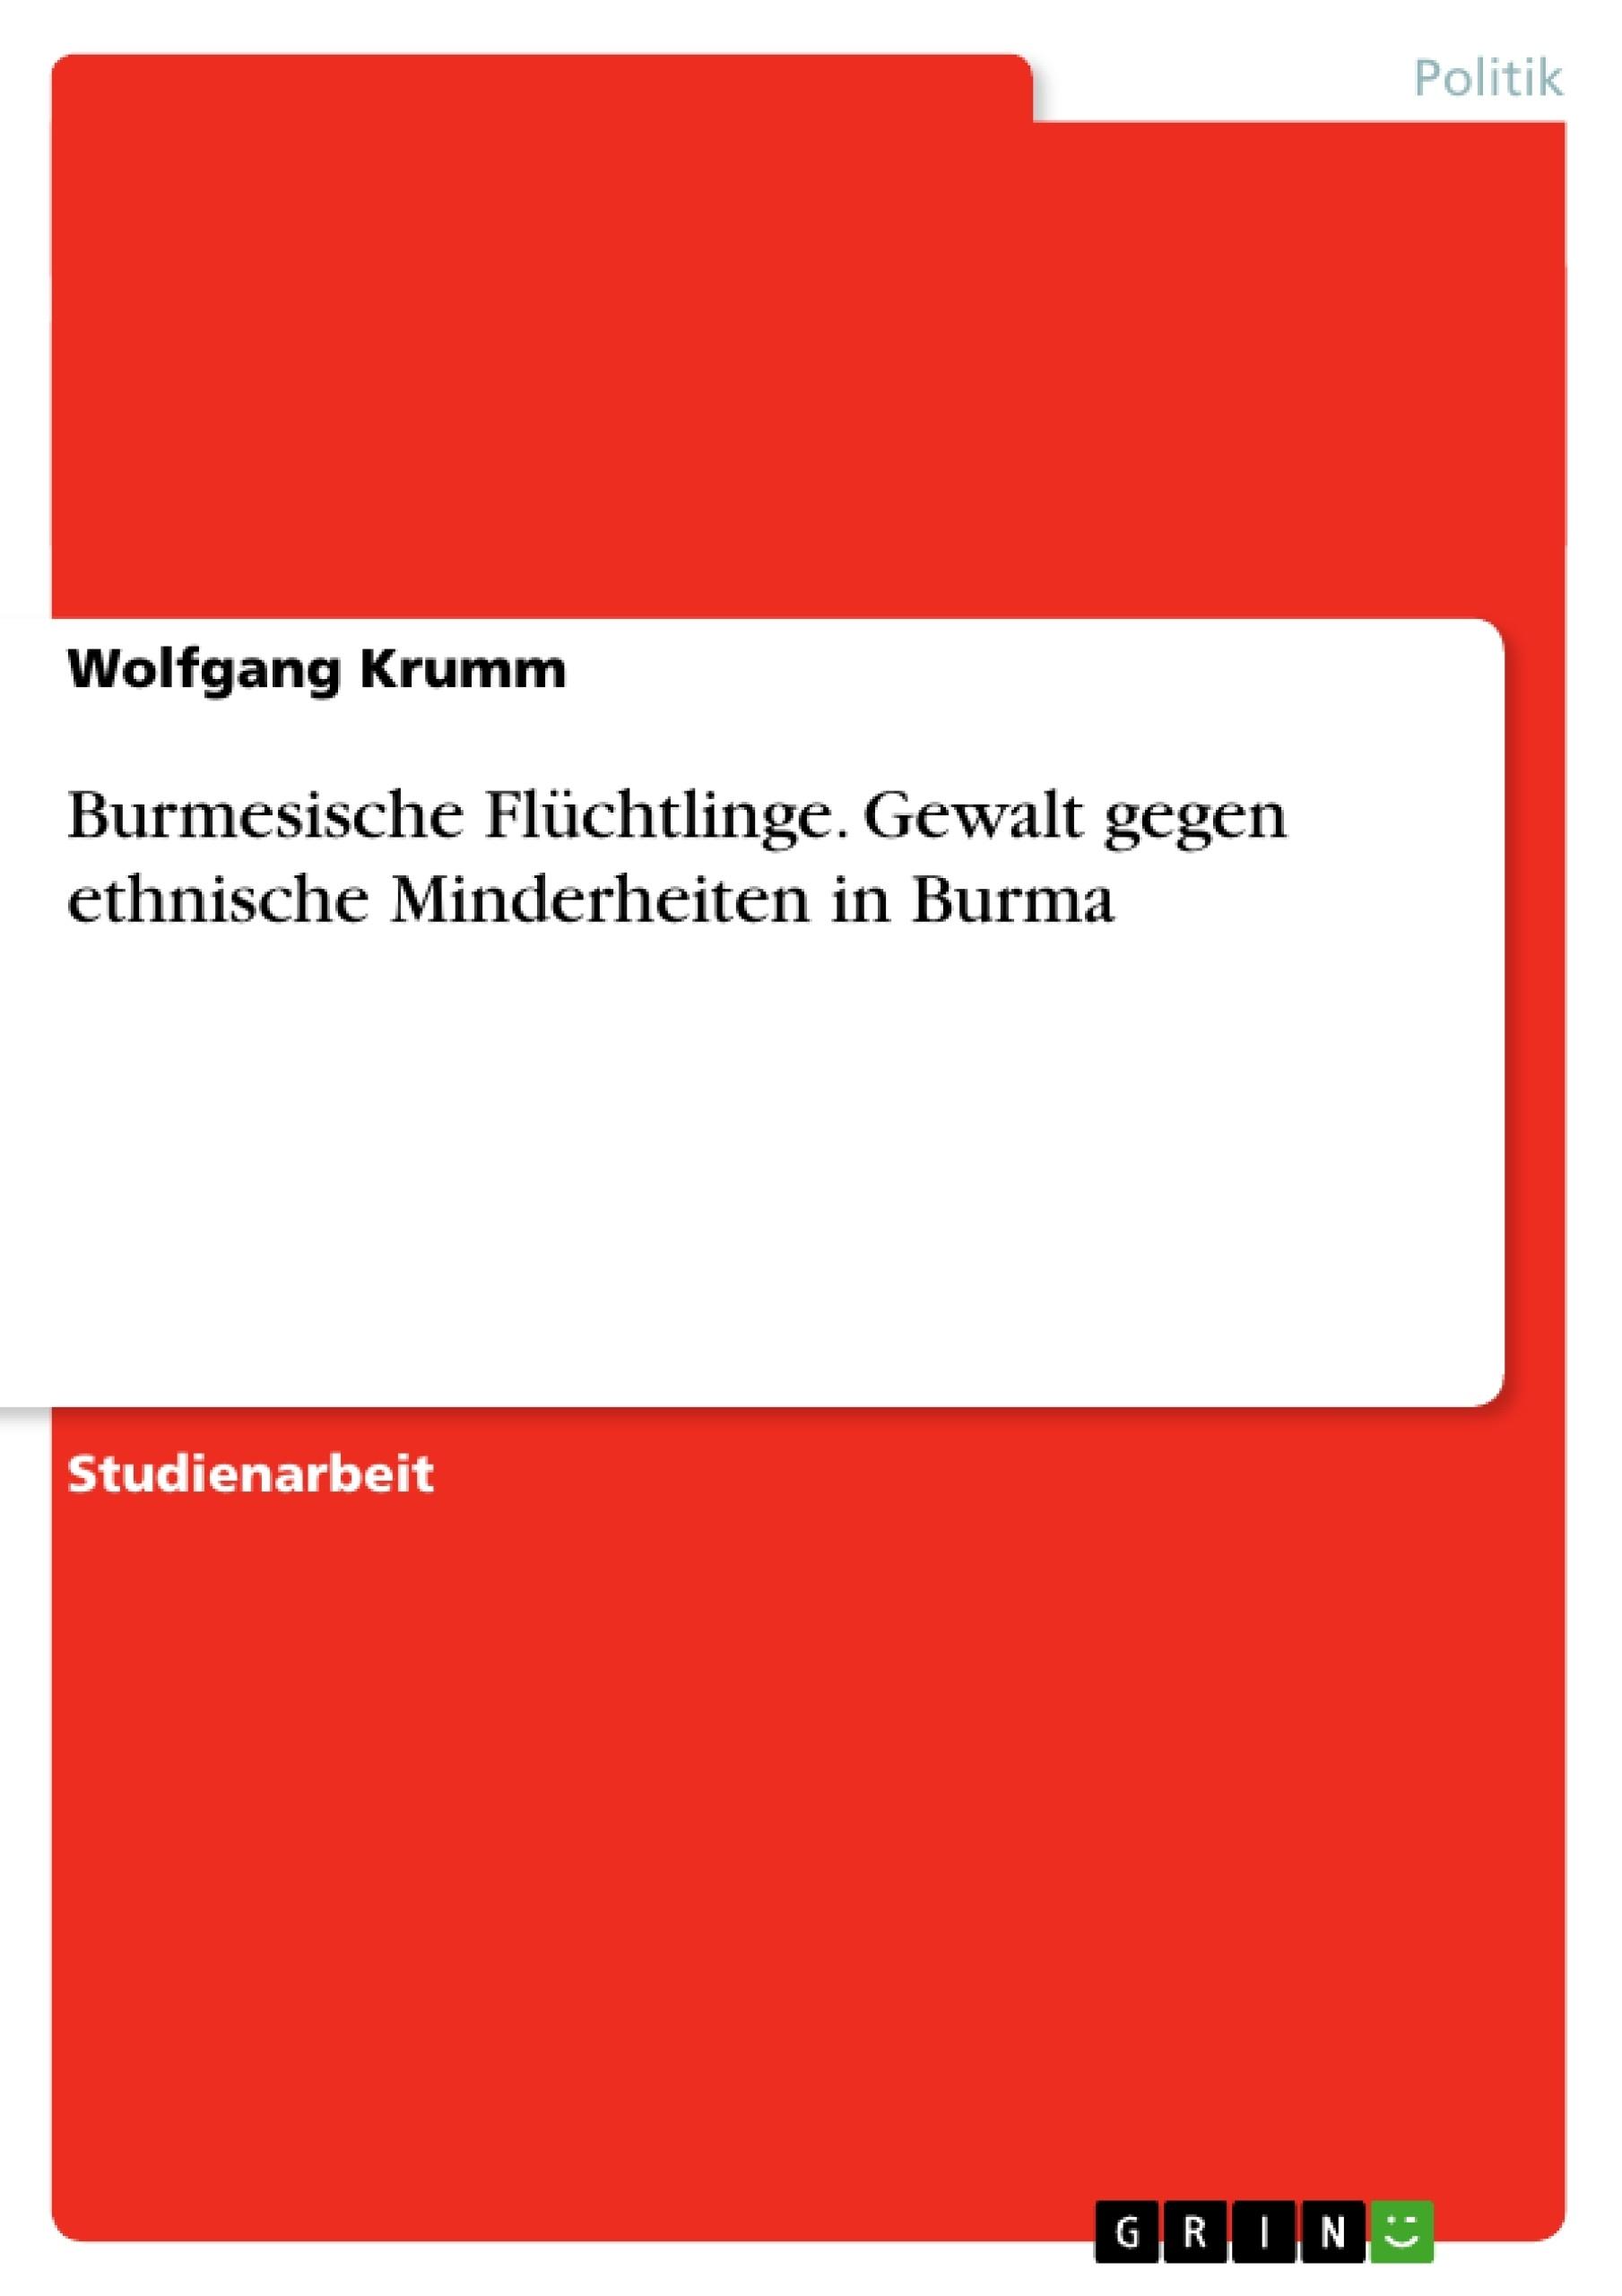 Titel: Burmesische Flüchtlinge. Gewalt gegen ethnische Minderheiten in Burma